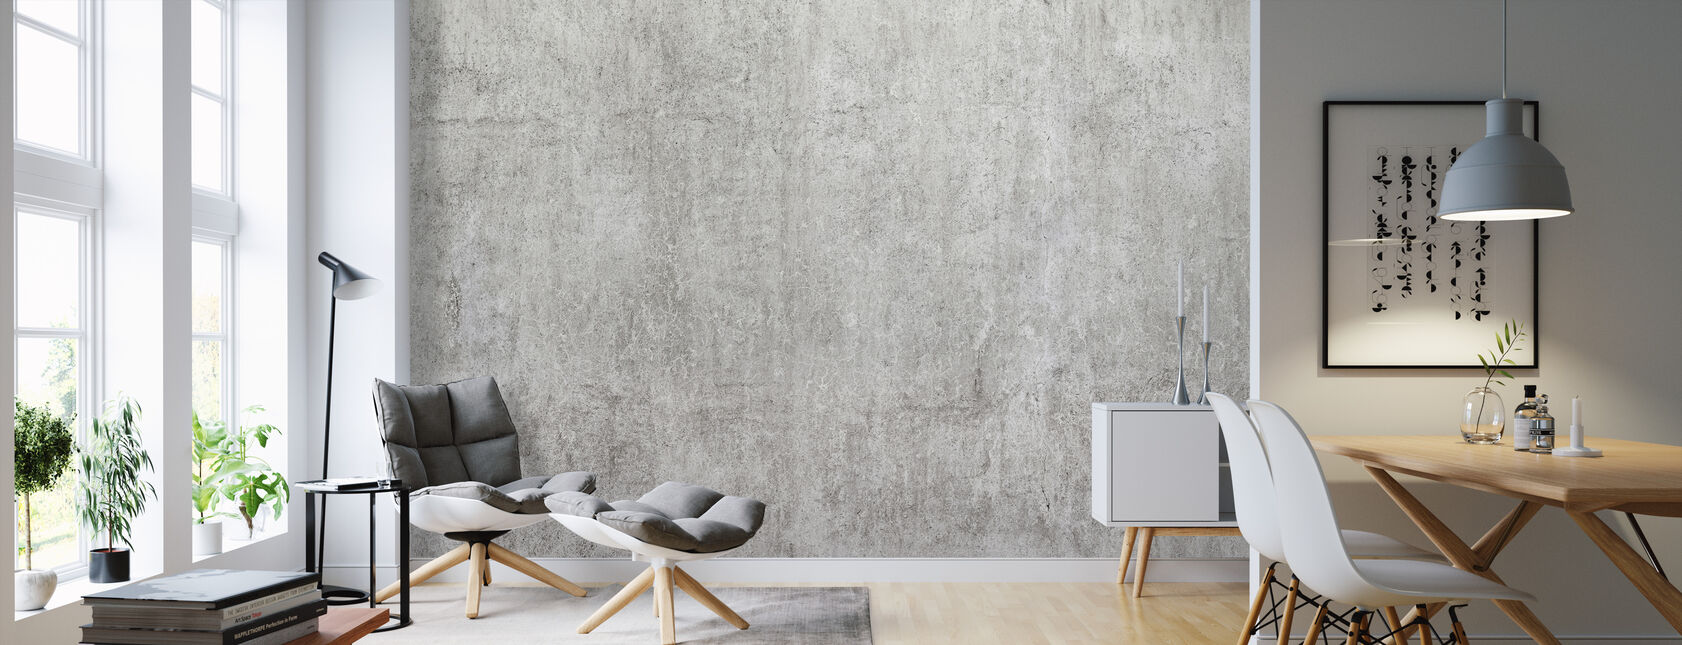 Ściana betonowa przemysłowa - Tapeta - Pokój dzienny